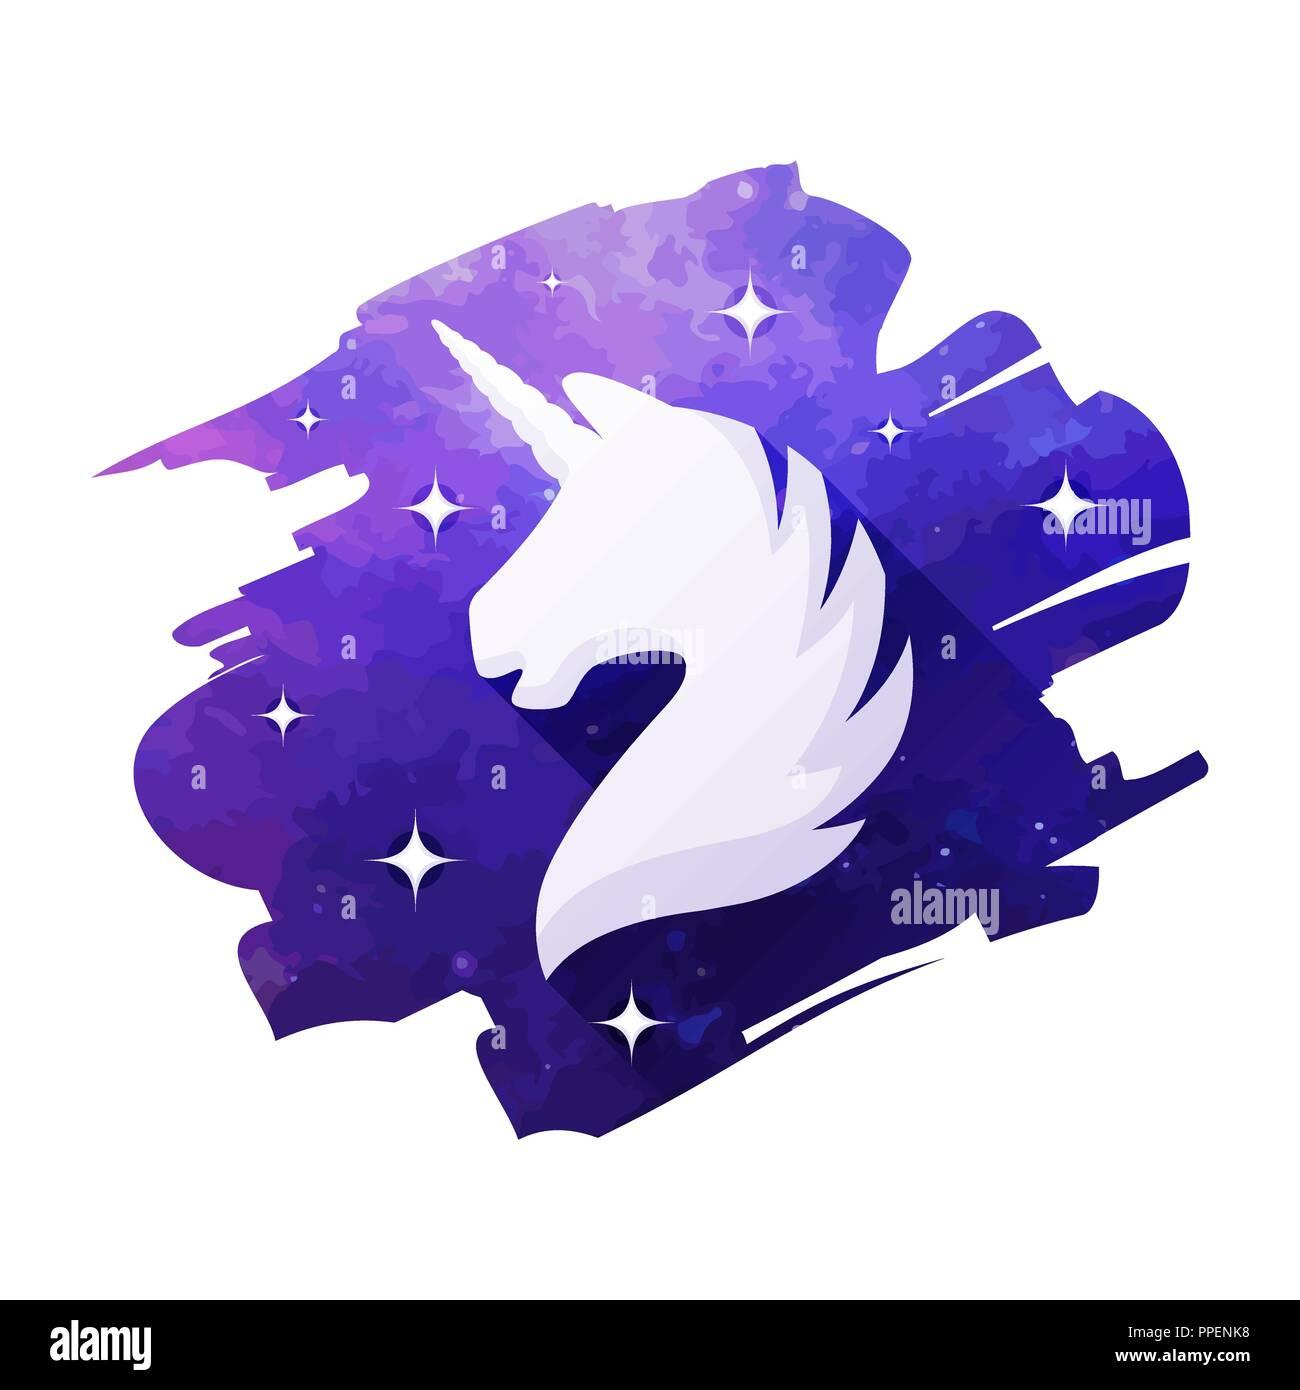 Testa Di Unicorn Illustrazione Vettoriale Isolati Su Sfondo Bianco